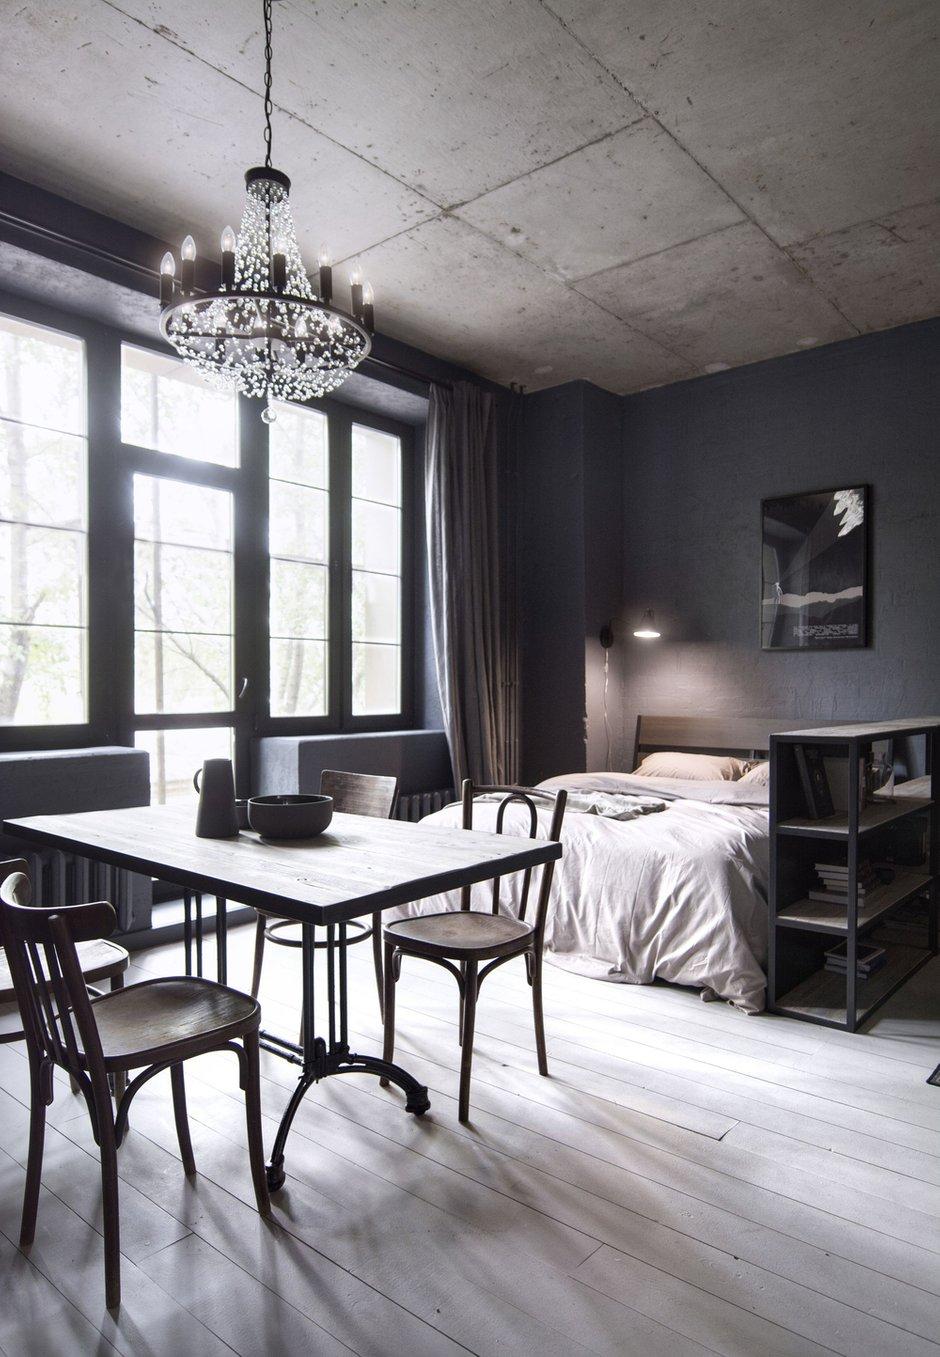 Фотография: Спальня в стиле Лофт, Квартира, Студия, Проект недели, Москва, Кирпичный дом, до 40 метров, INT2architecture – фото на INMYROOM